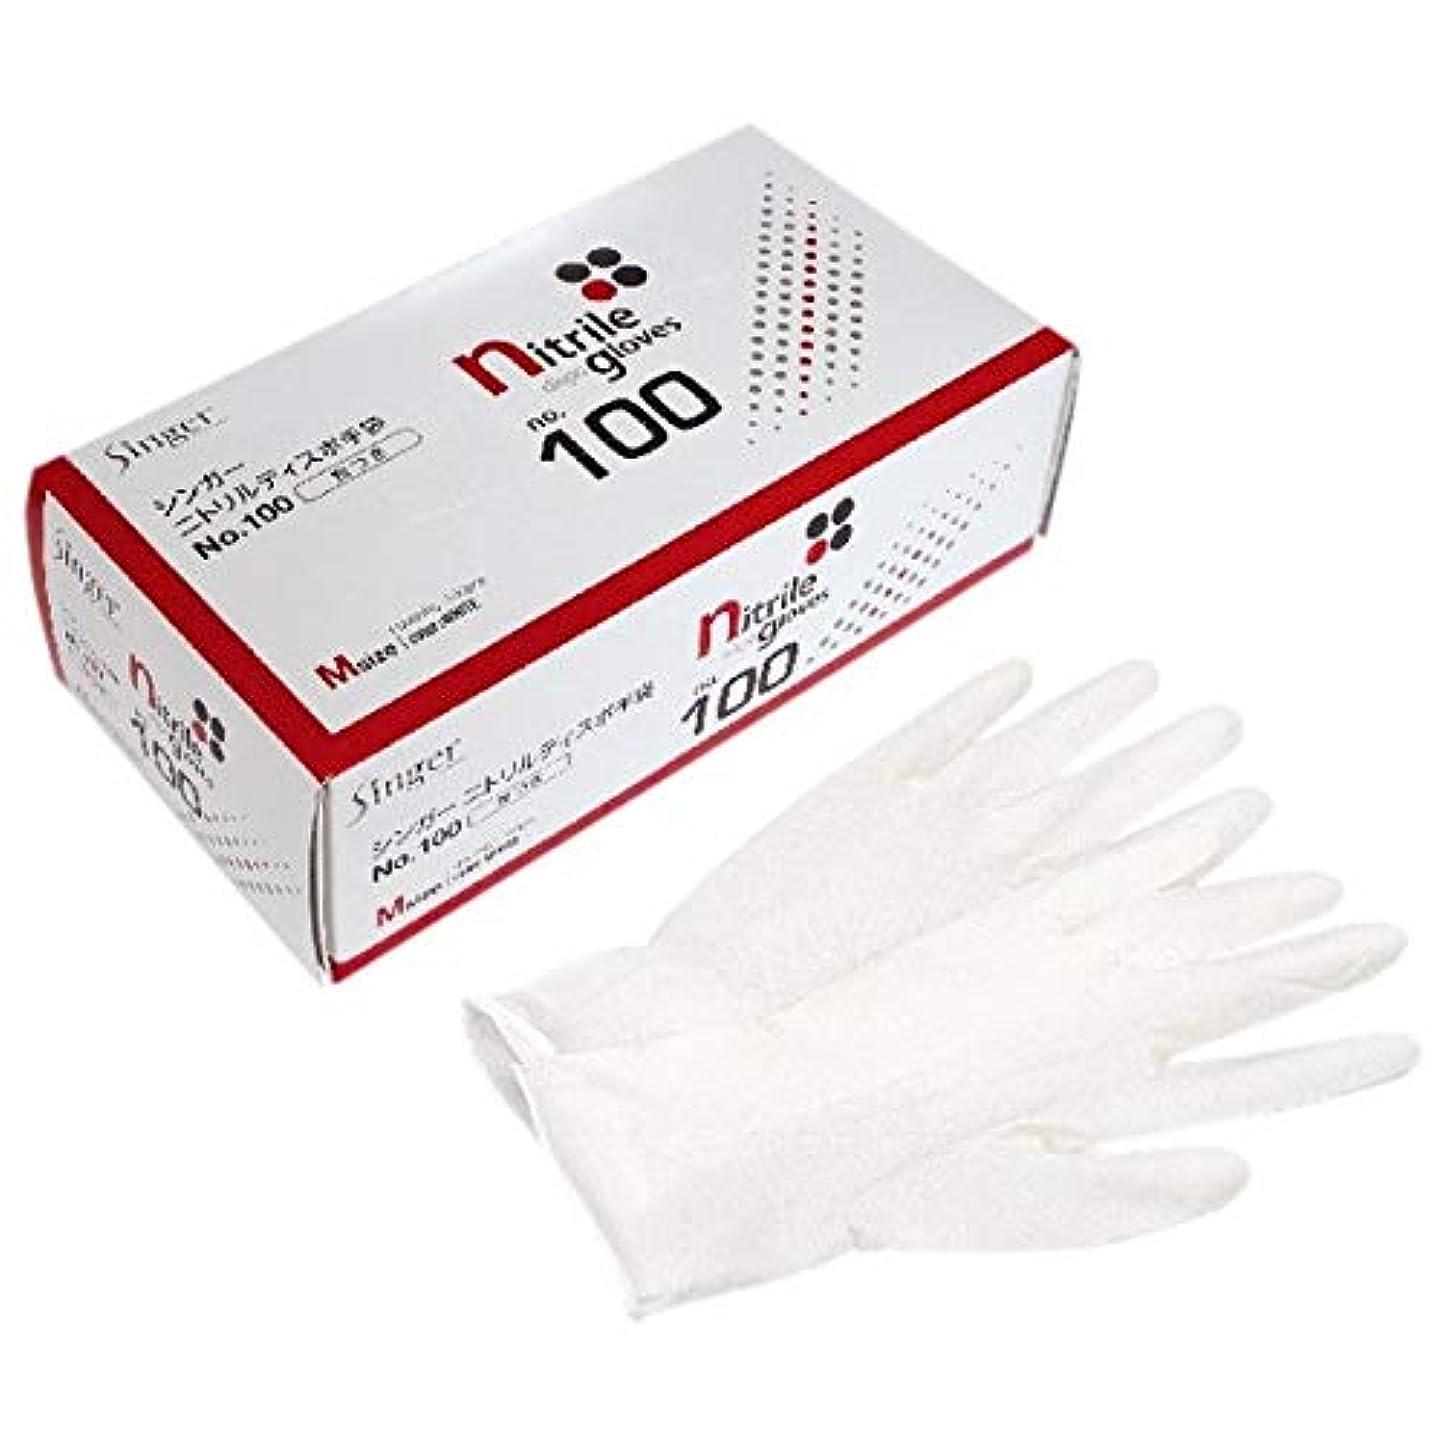 素晴らしさ重さぐるぐるシンガーニトリルディスポ手袋 No.100 白 粉付 Sサイズ 100枚